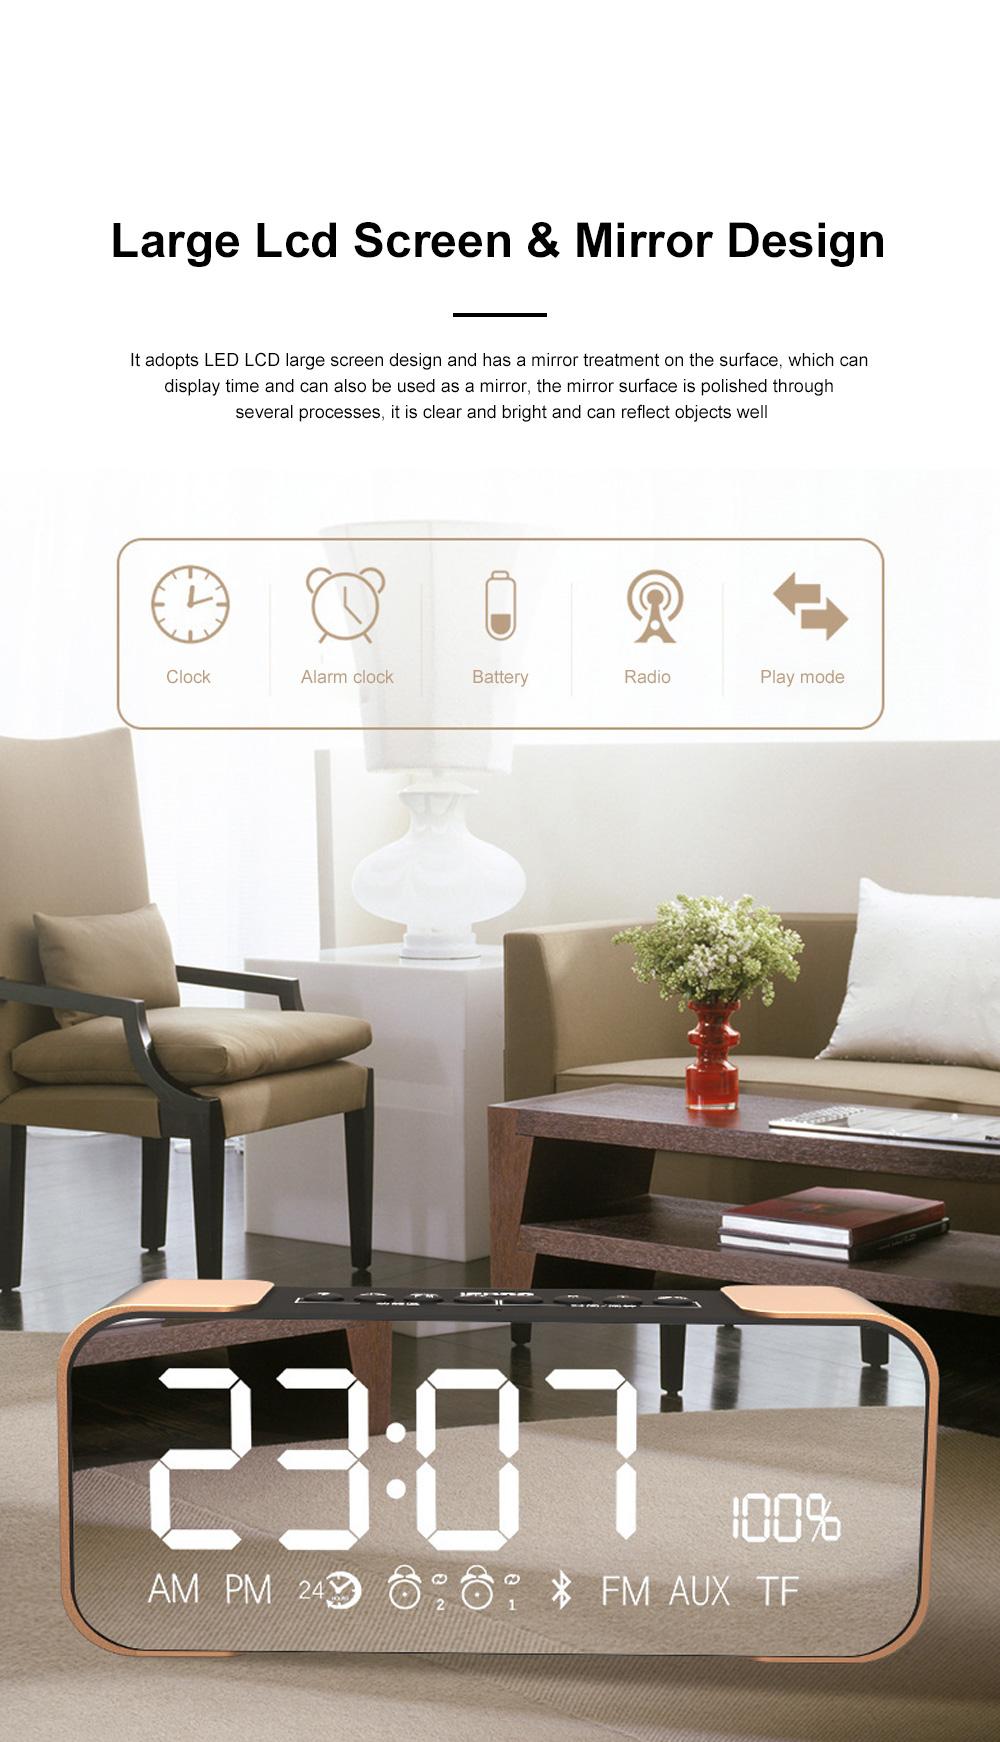 Portable Multimedia Wireless Charging LED Screen Bluetooth Speaker Smart Table Lamp Light Alarm Clock Led Touch Light Speaker 6